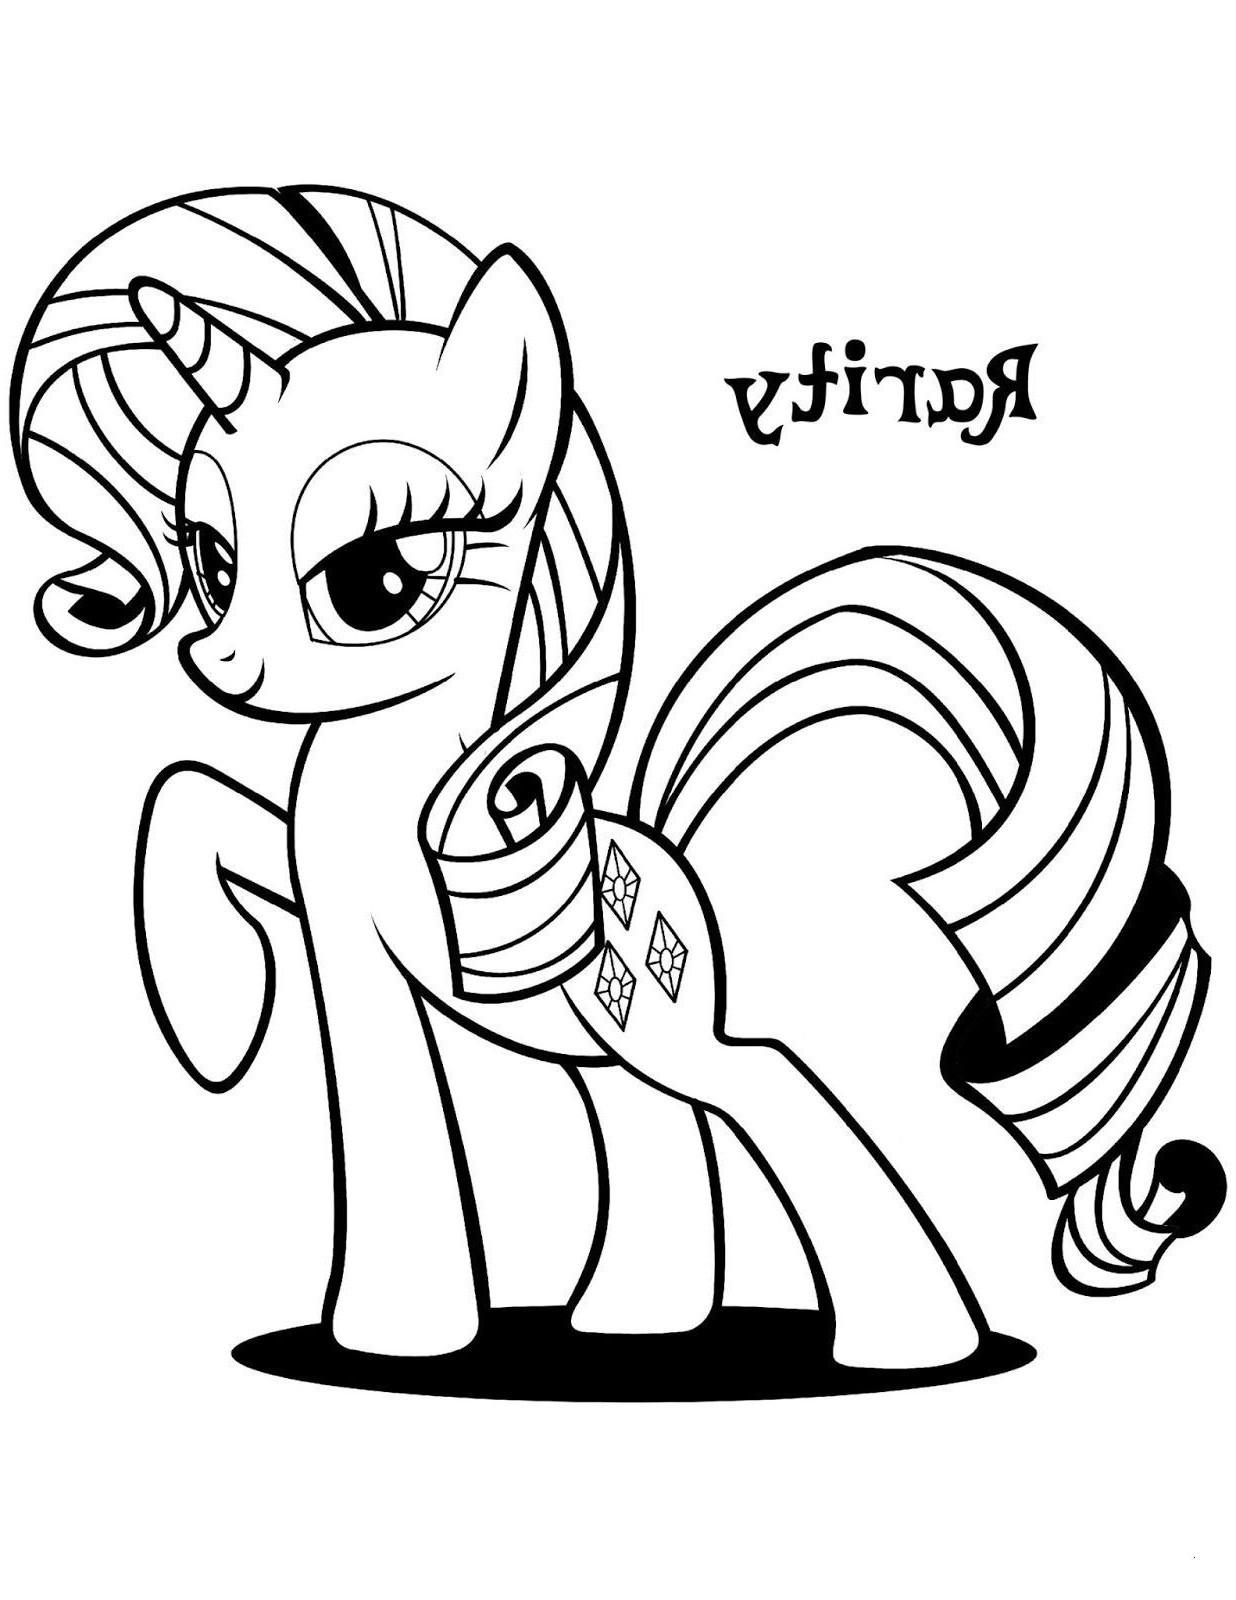 My Little Pony Pinkie Pie Ausmalbilder Genial 29 Luxus My Little Pony Ausmalbild – Malvorlagen Ideen Bilder